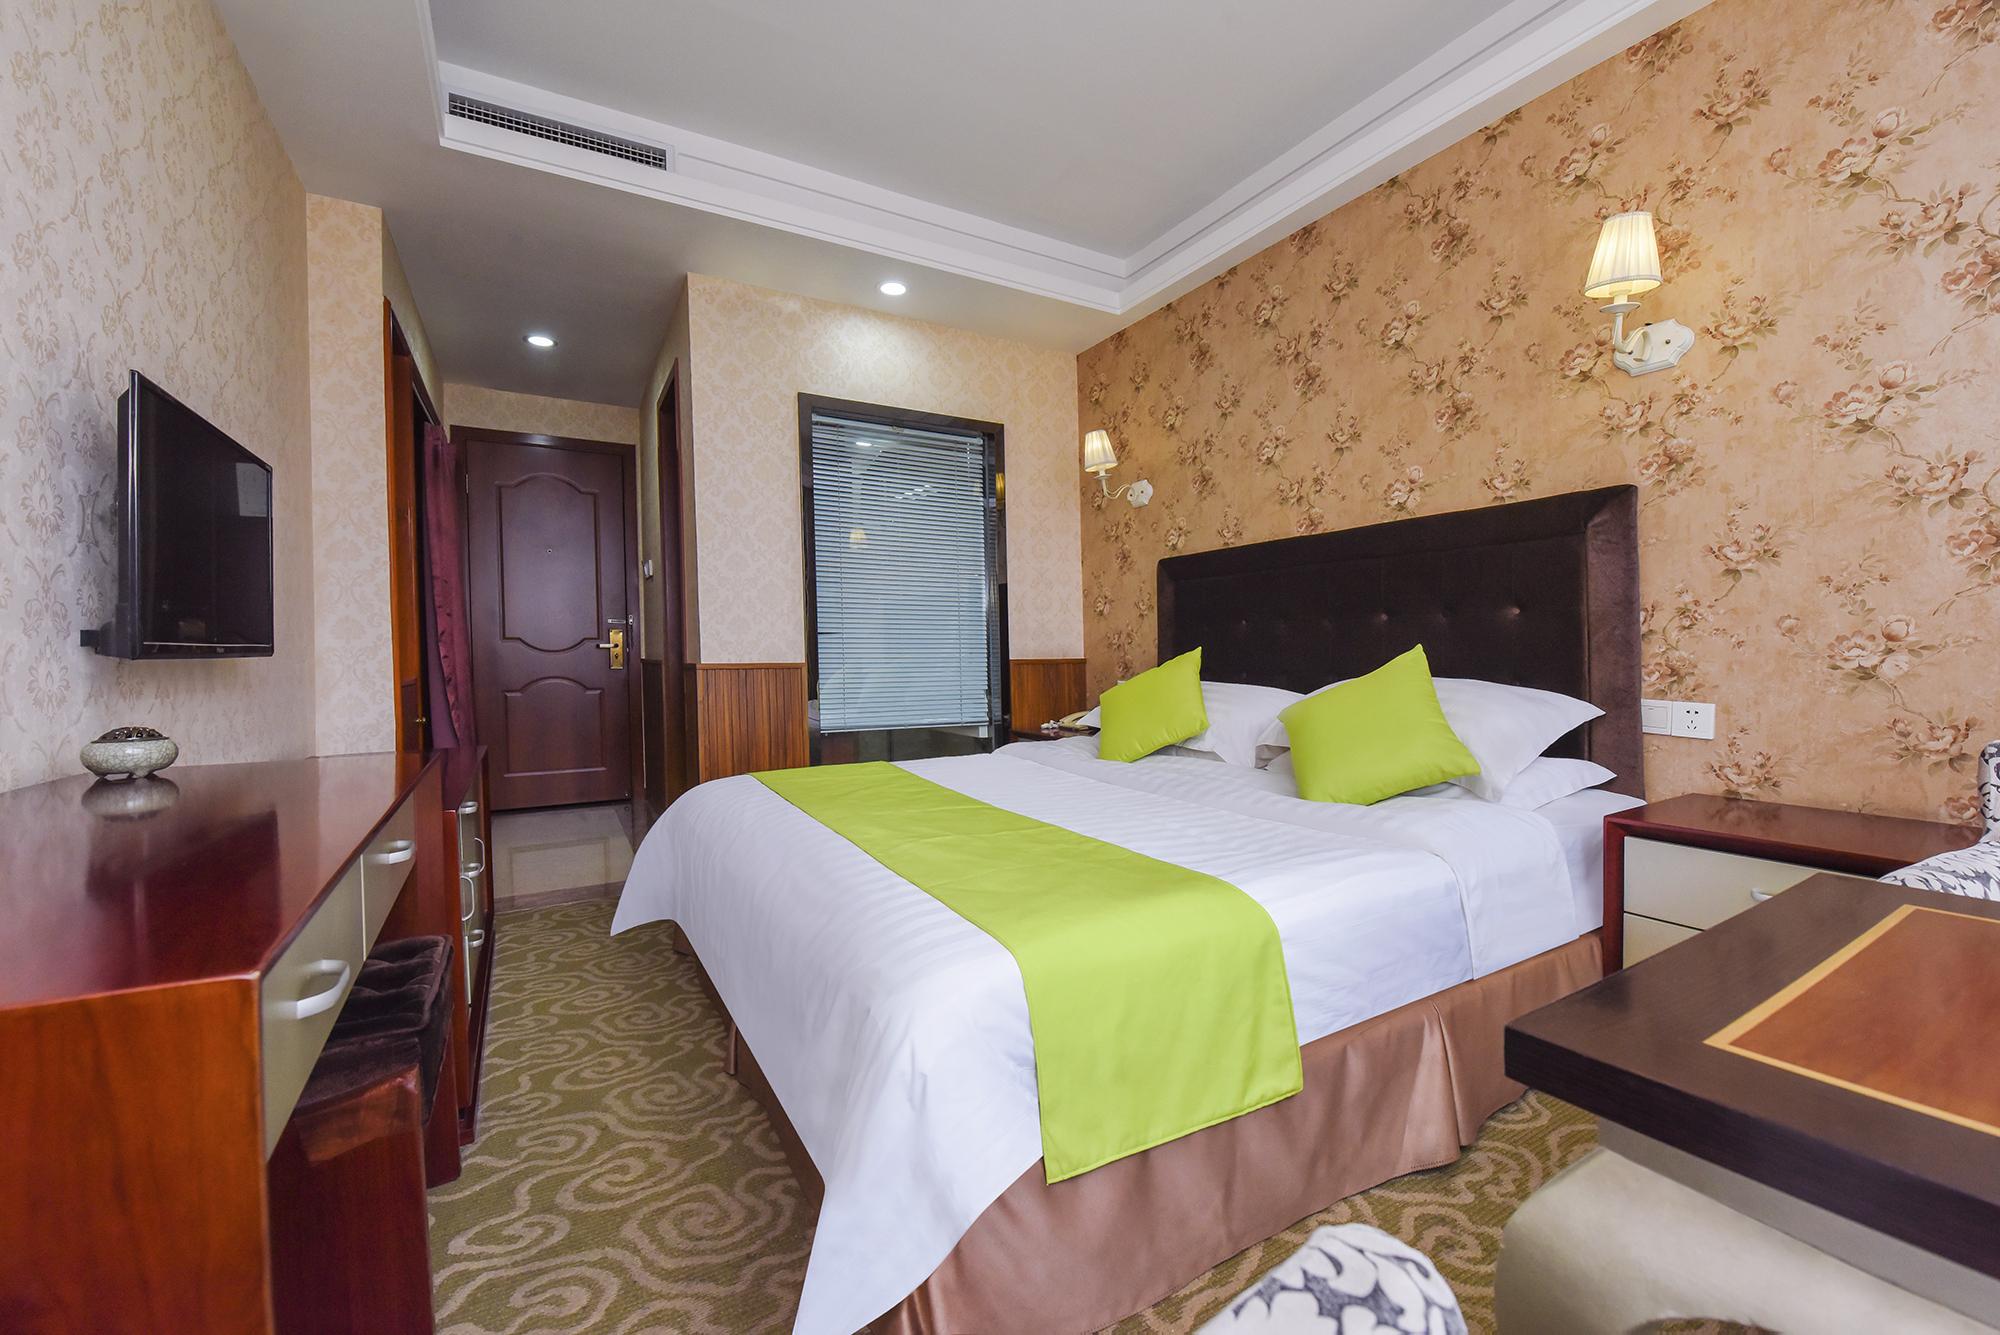 重庆米市酒店(原台州酒店)江景大床房